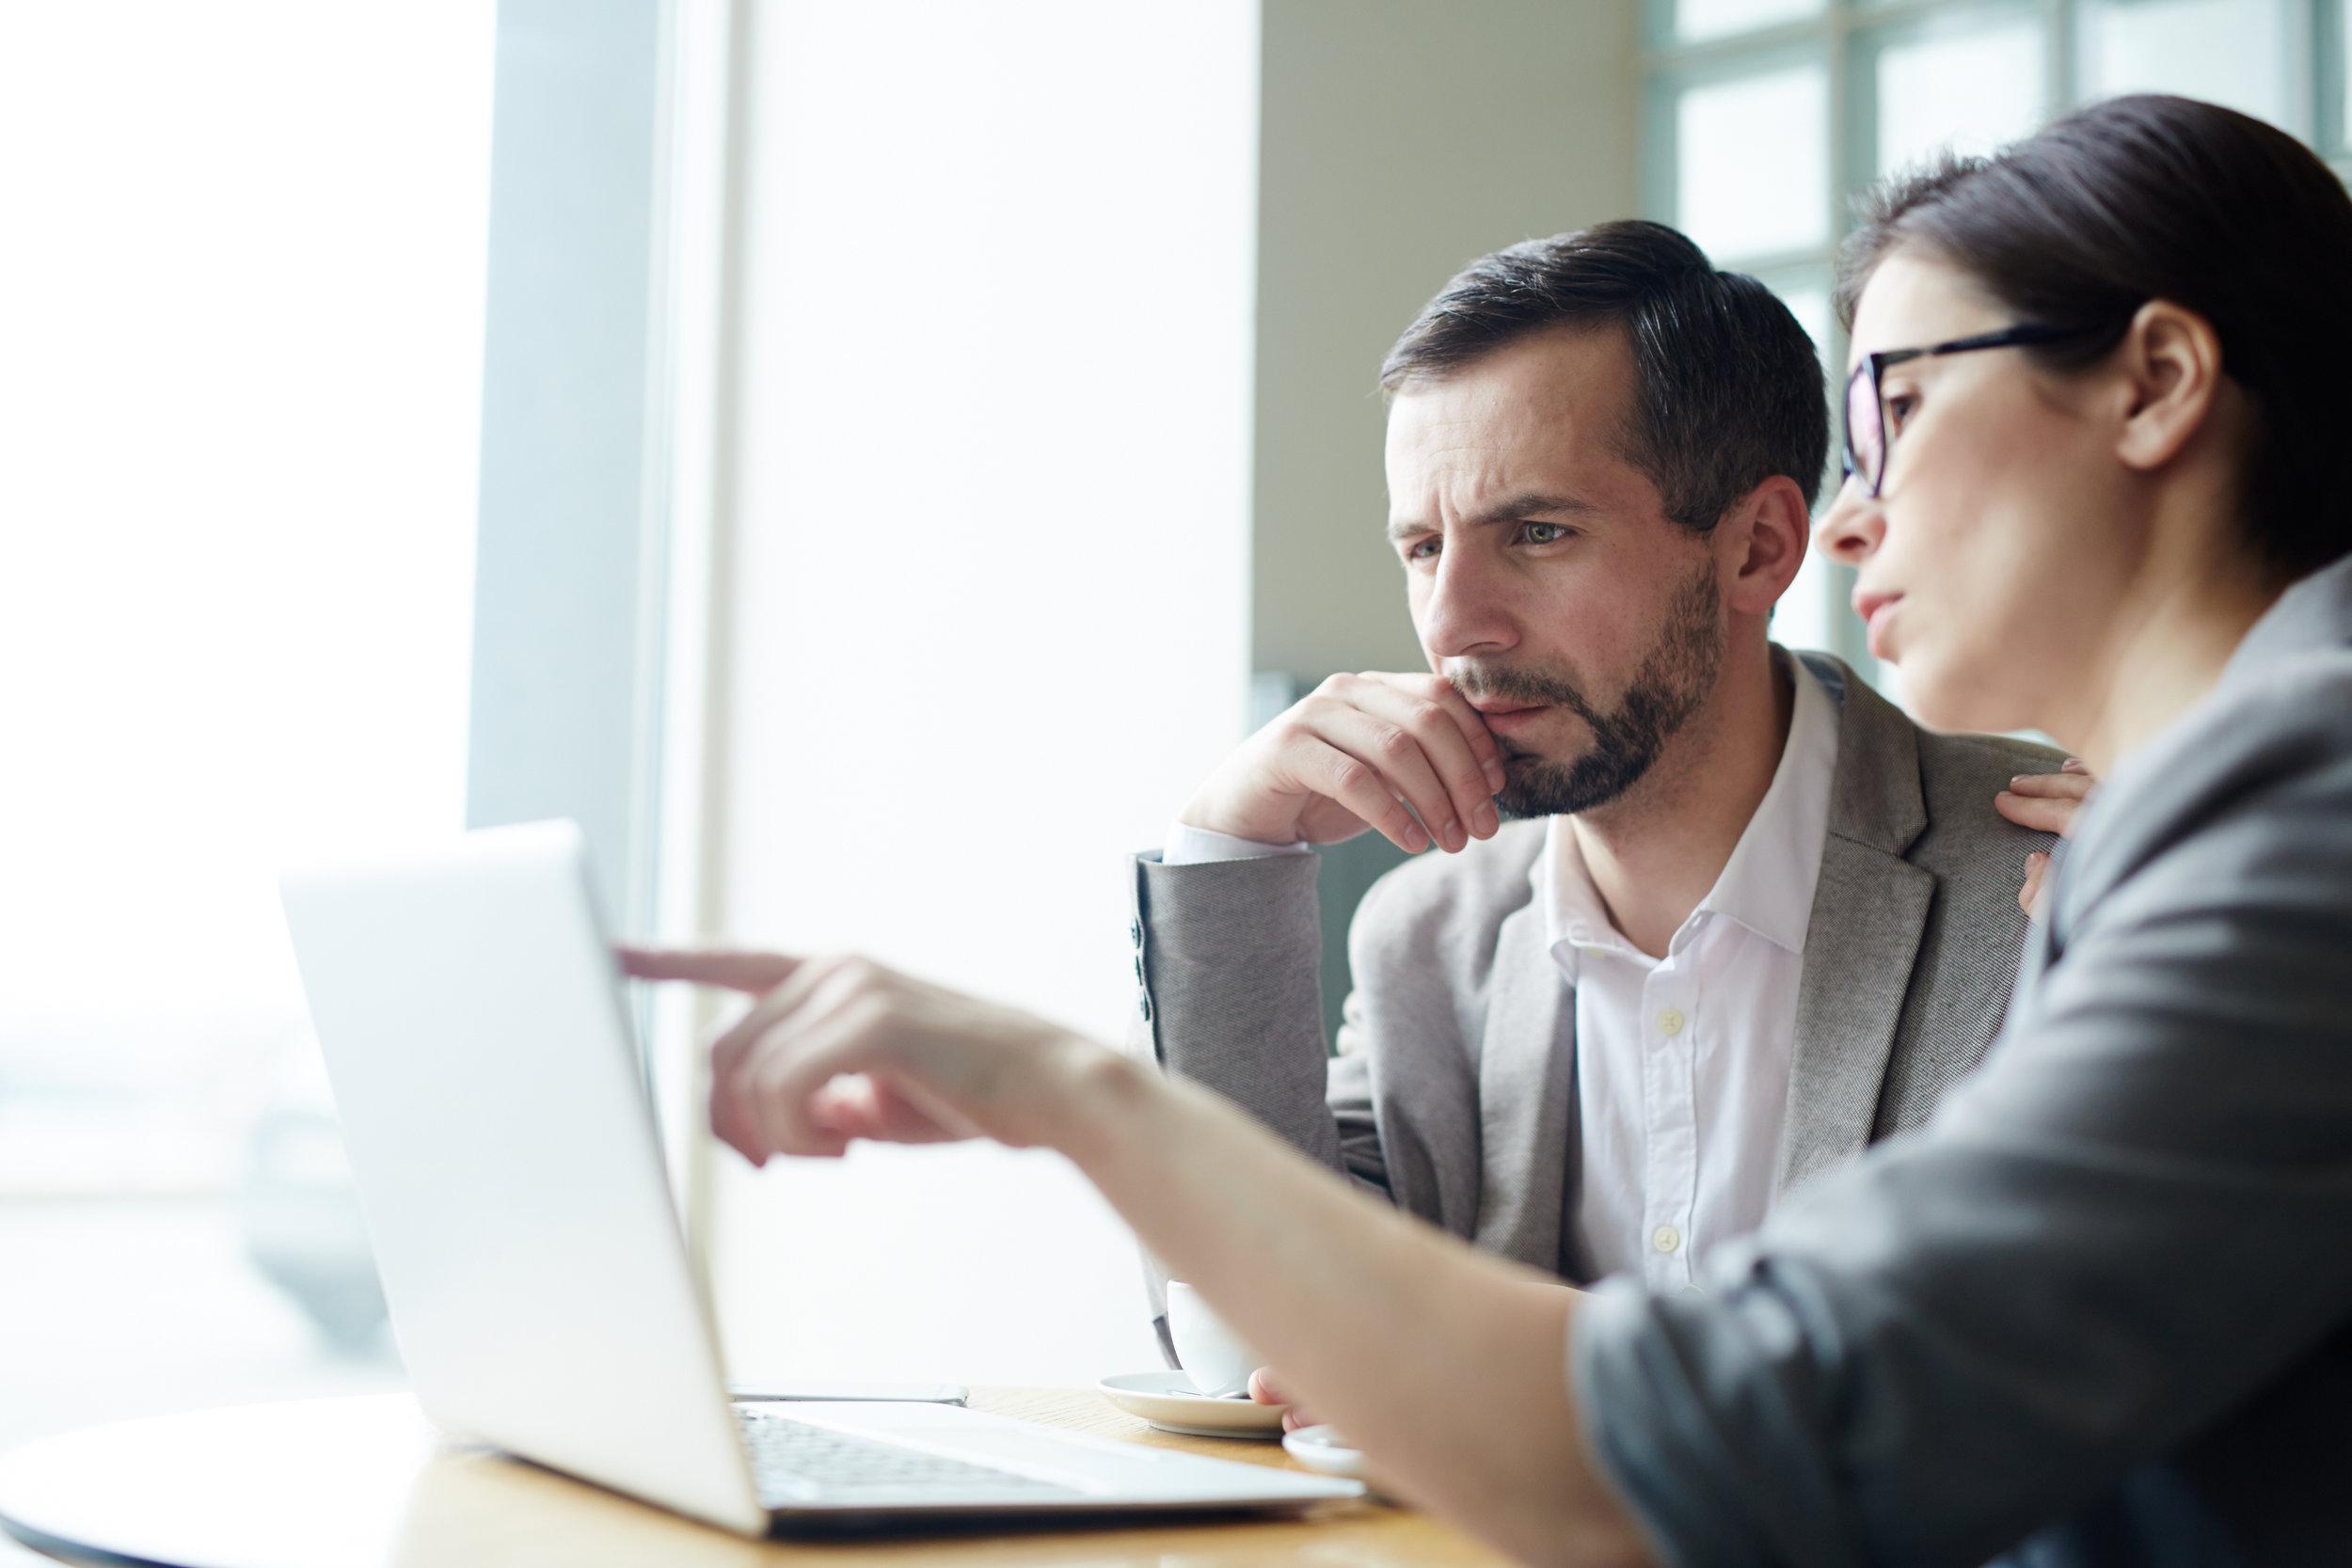 Kommunikationsberatung:In Ihrem Marketingkonzept gestalten wir den Teilmix Kommunikation so, dass er perfekt zu Ihrem Unternehmen und zu Ihrer Zukunftsstrategie passt. -